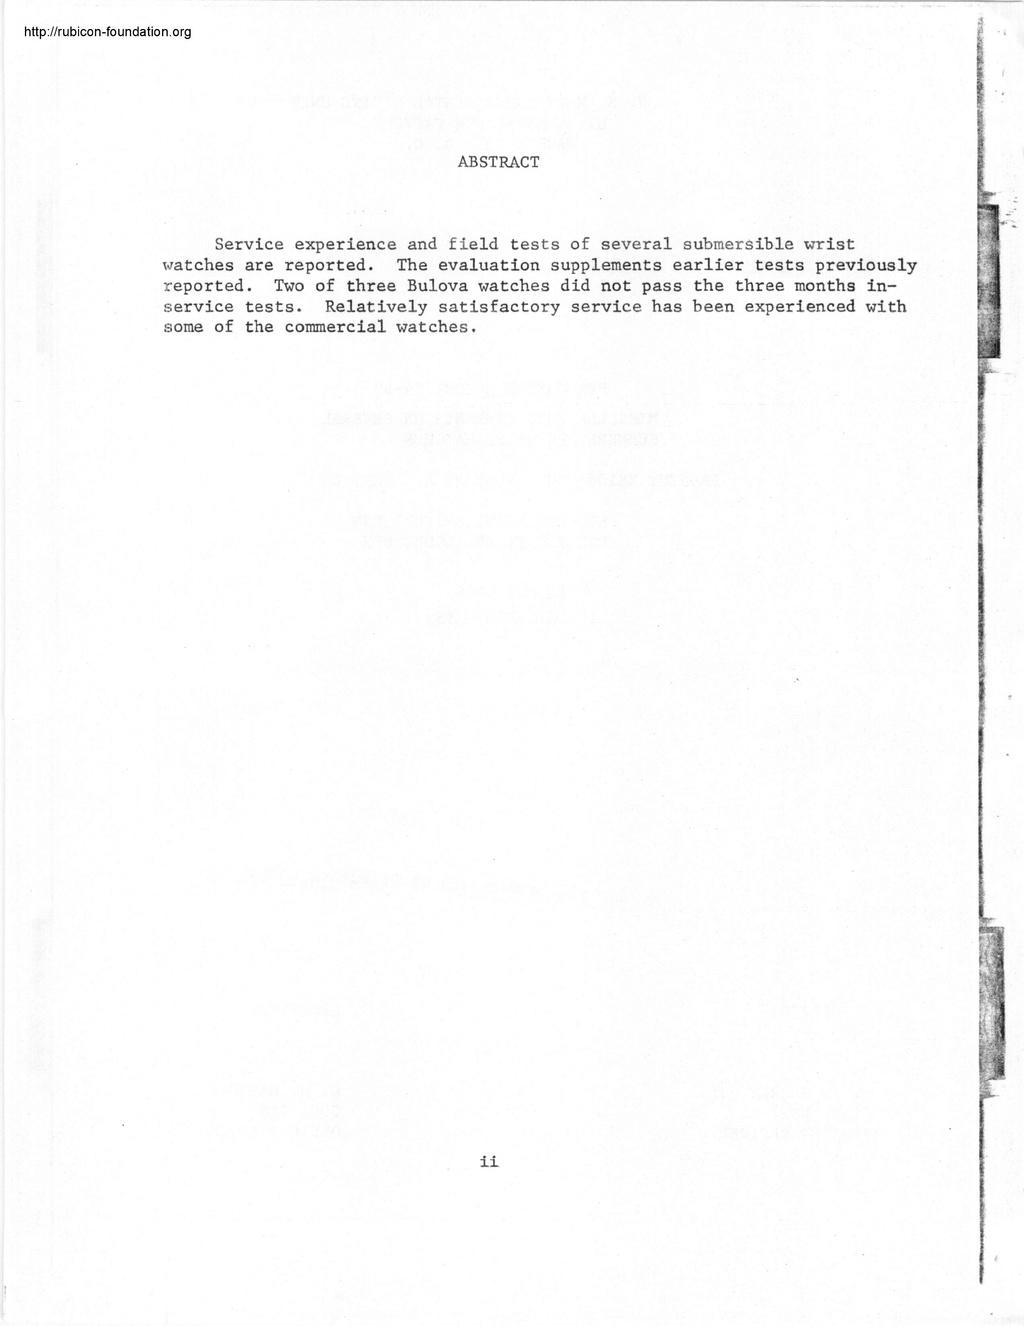 Enicar - Tests US Navy : Enicar, Rolex, Blancpain, Zodiac 000215